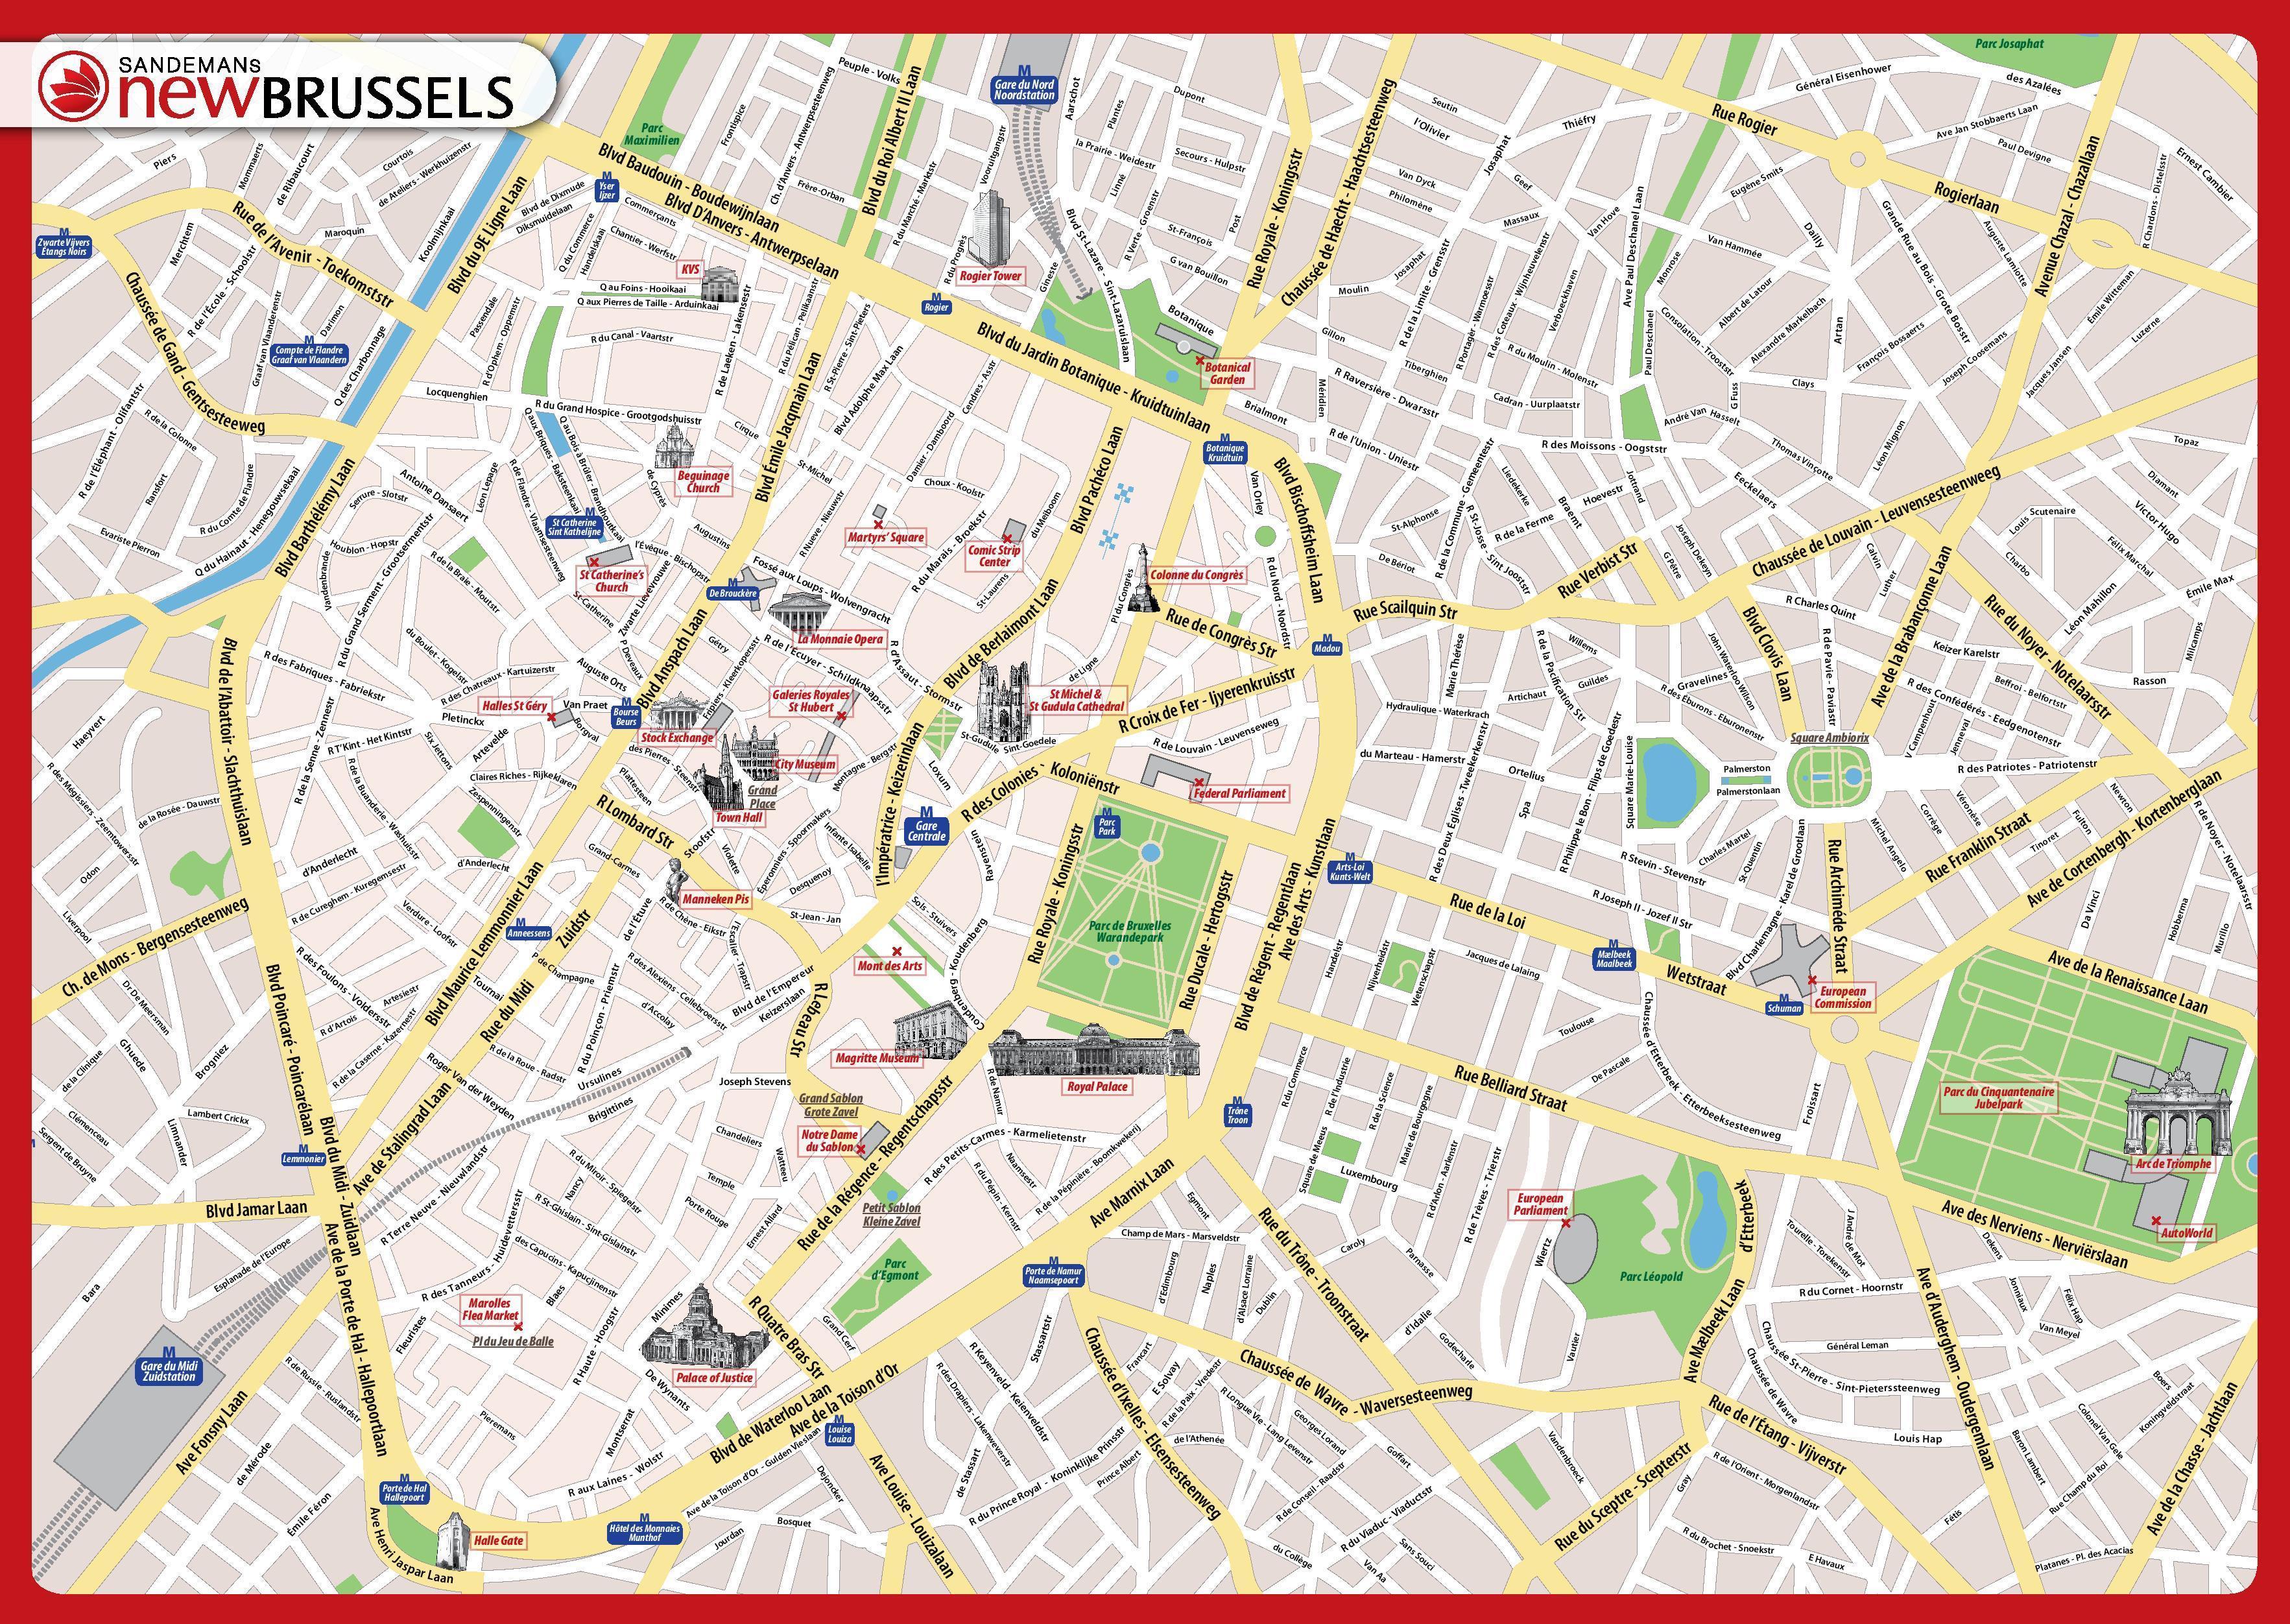 Centrum Af Bruxelles Kort Detaljeret Kort Over Bruxelles Belgien